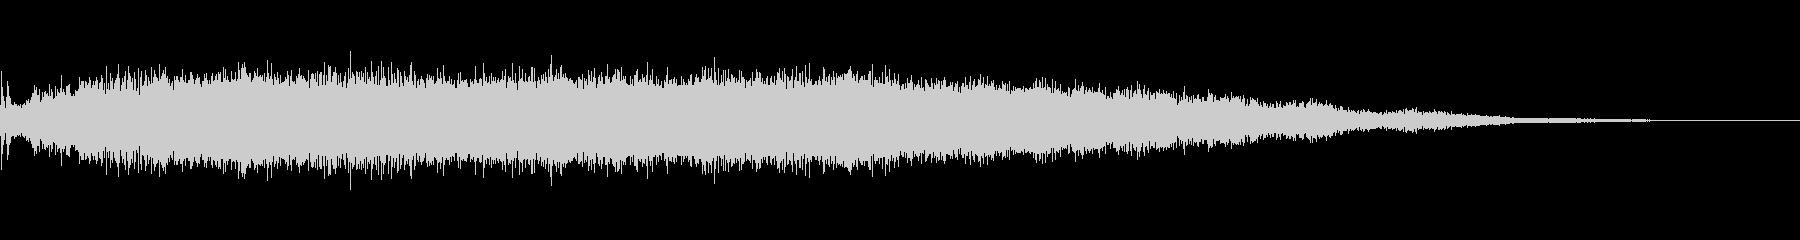 パワーサージビッグコードの未再生の波形